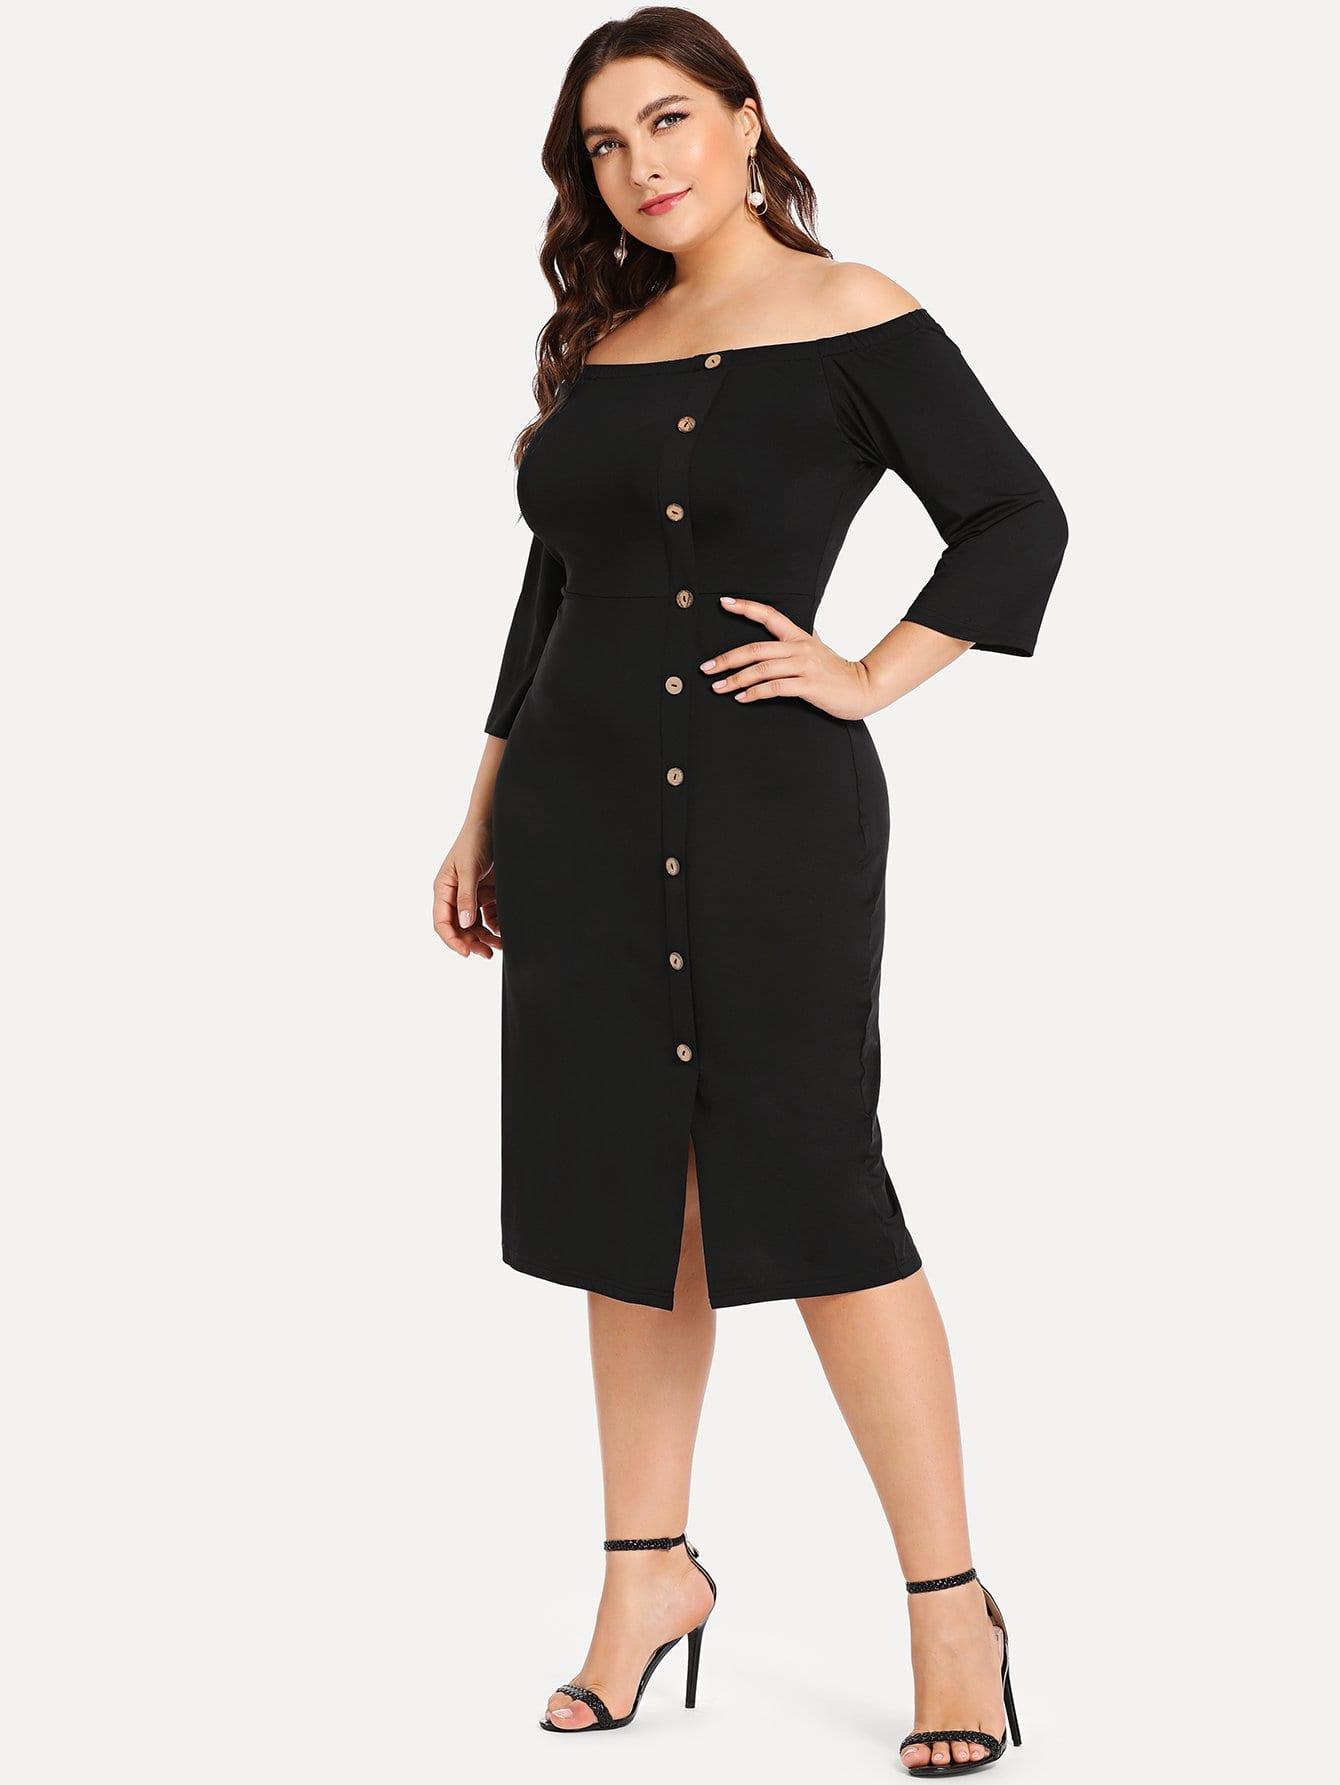 Купить Большое платье с открытыми плечами и украшением пуговицы, Franziska, SheIn